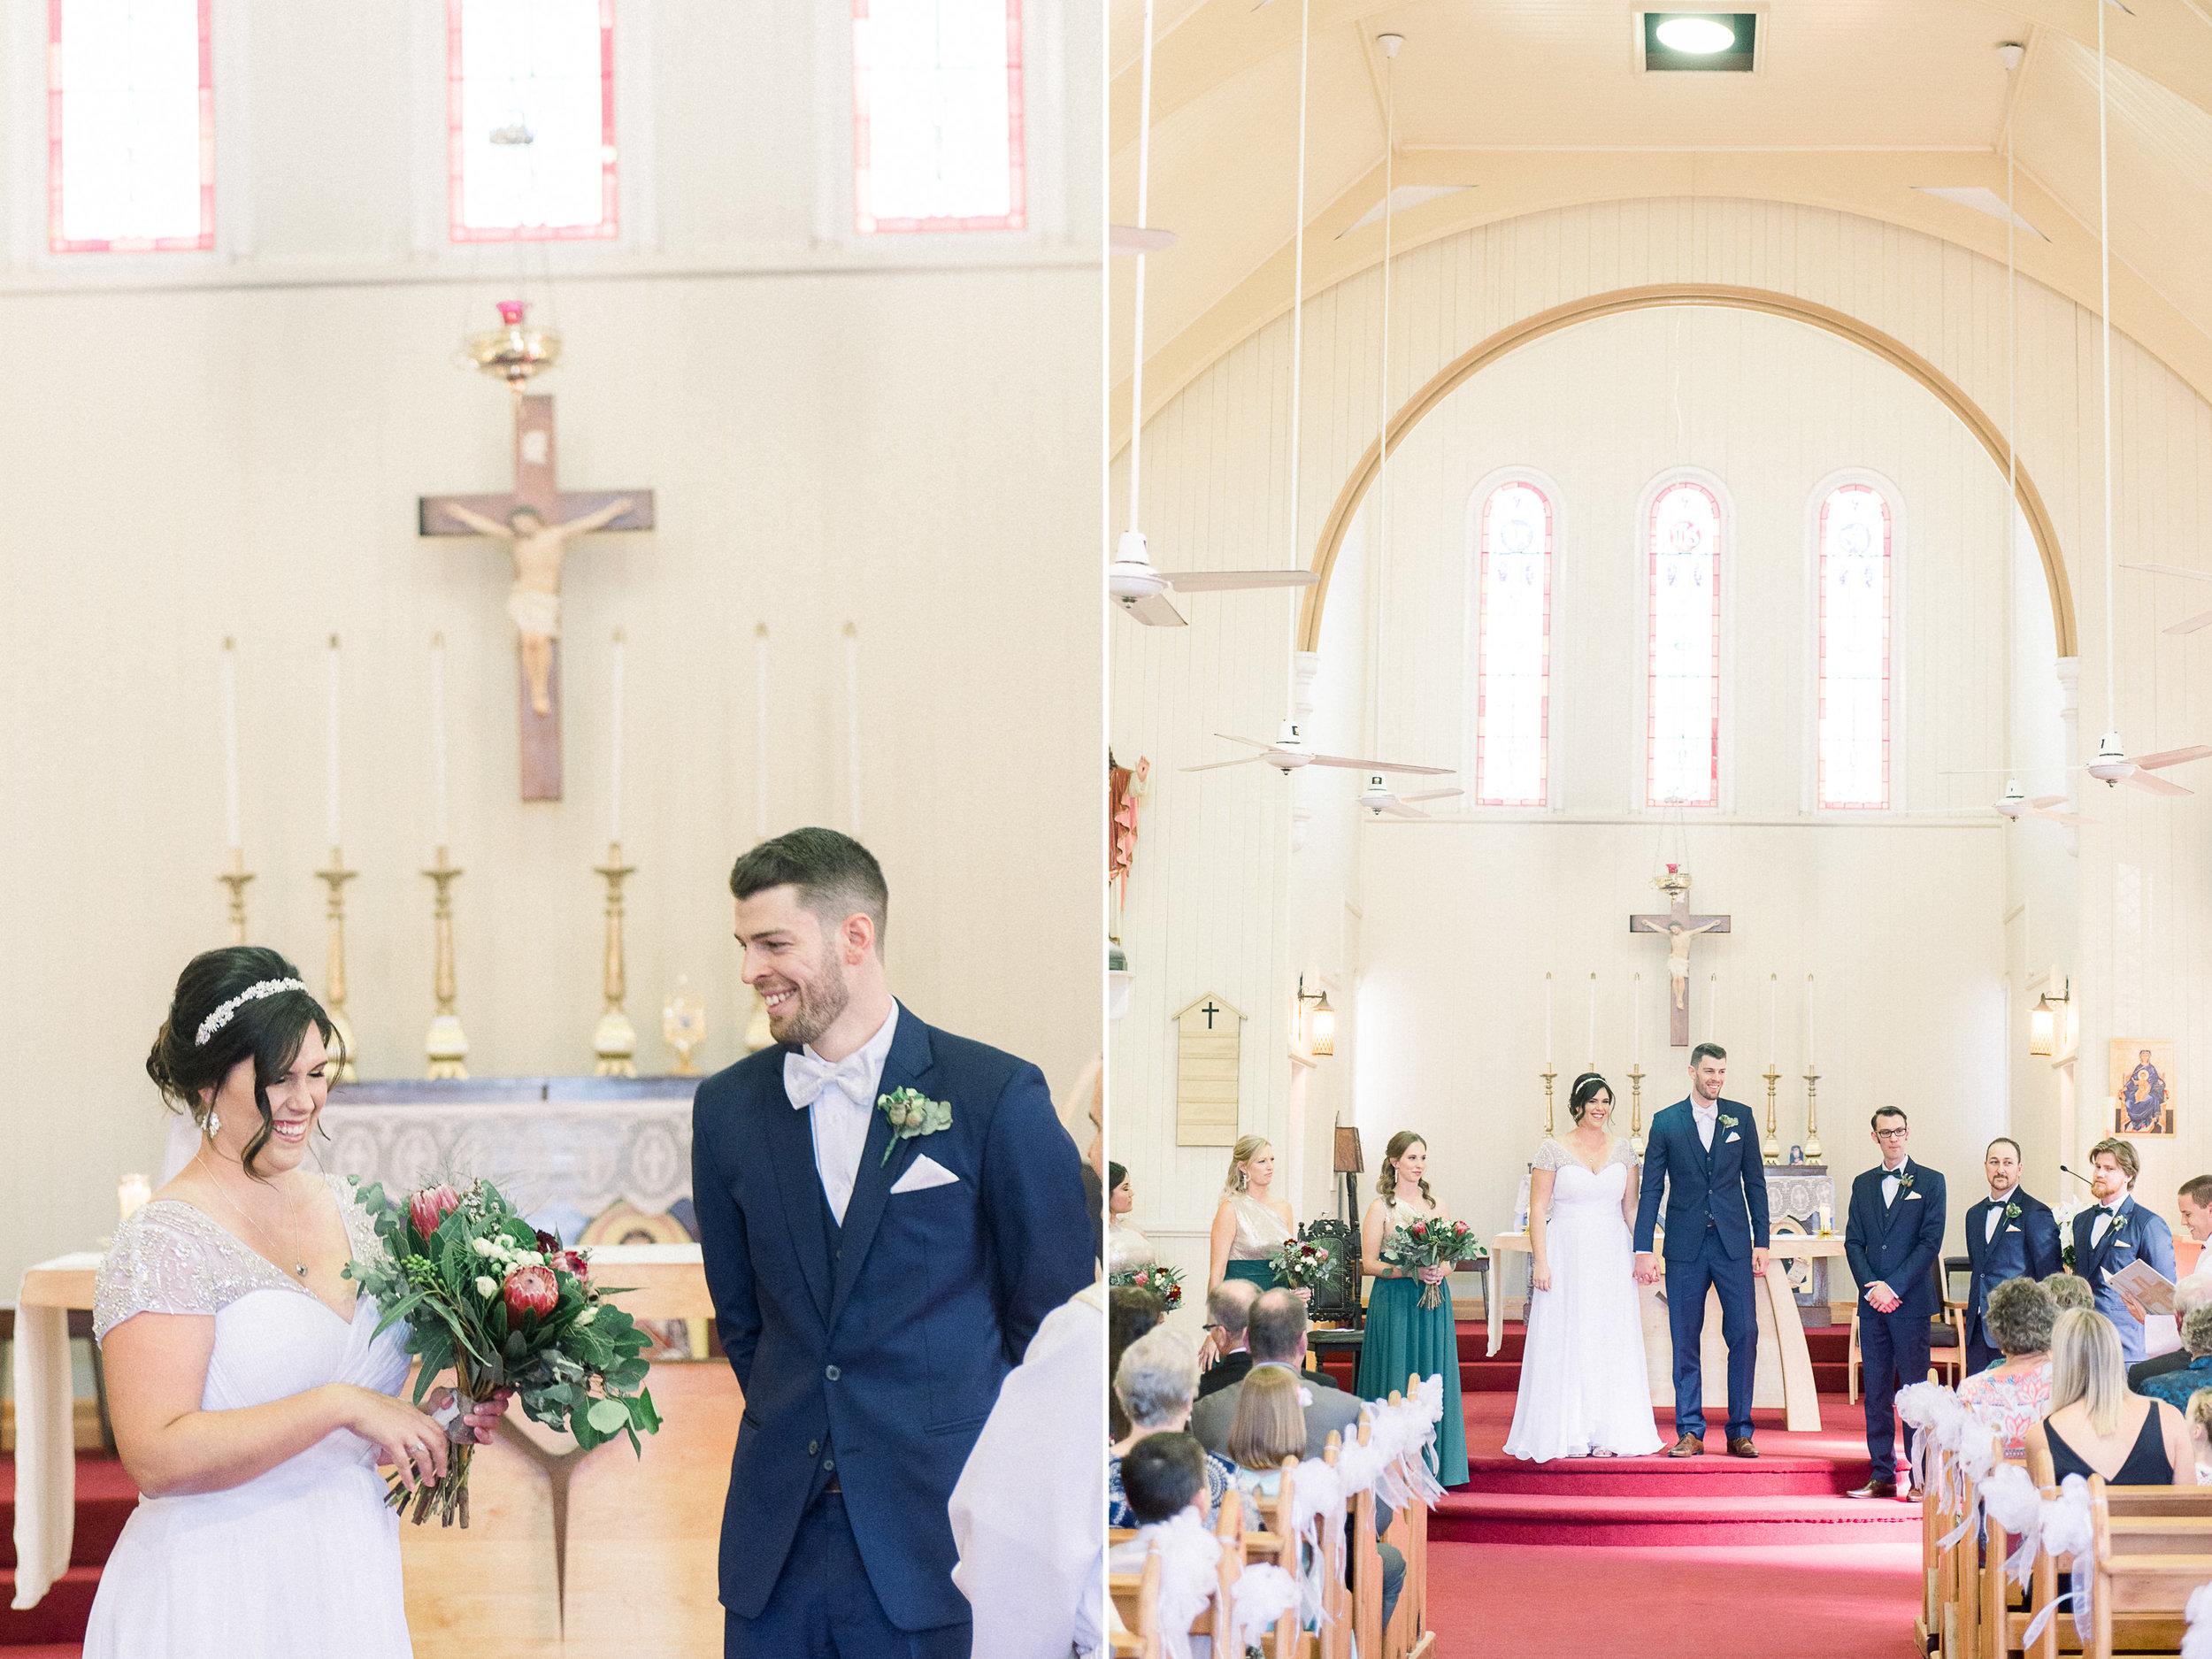 brisbane-city-wedding-photography-church-wedding-3.jpg